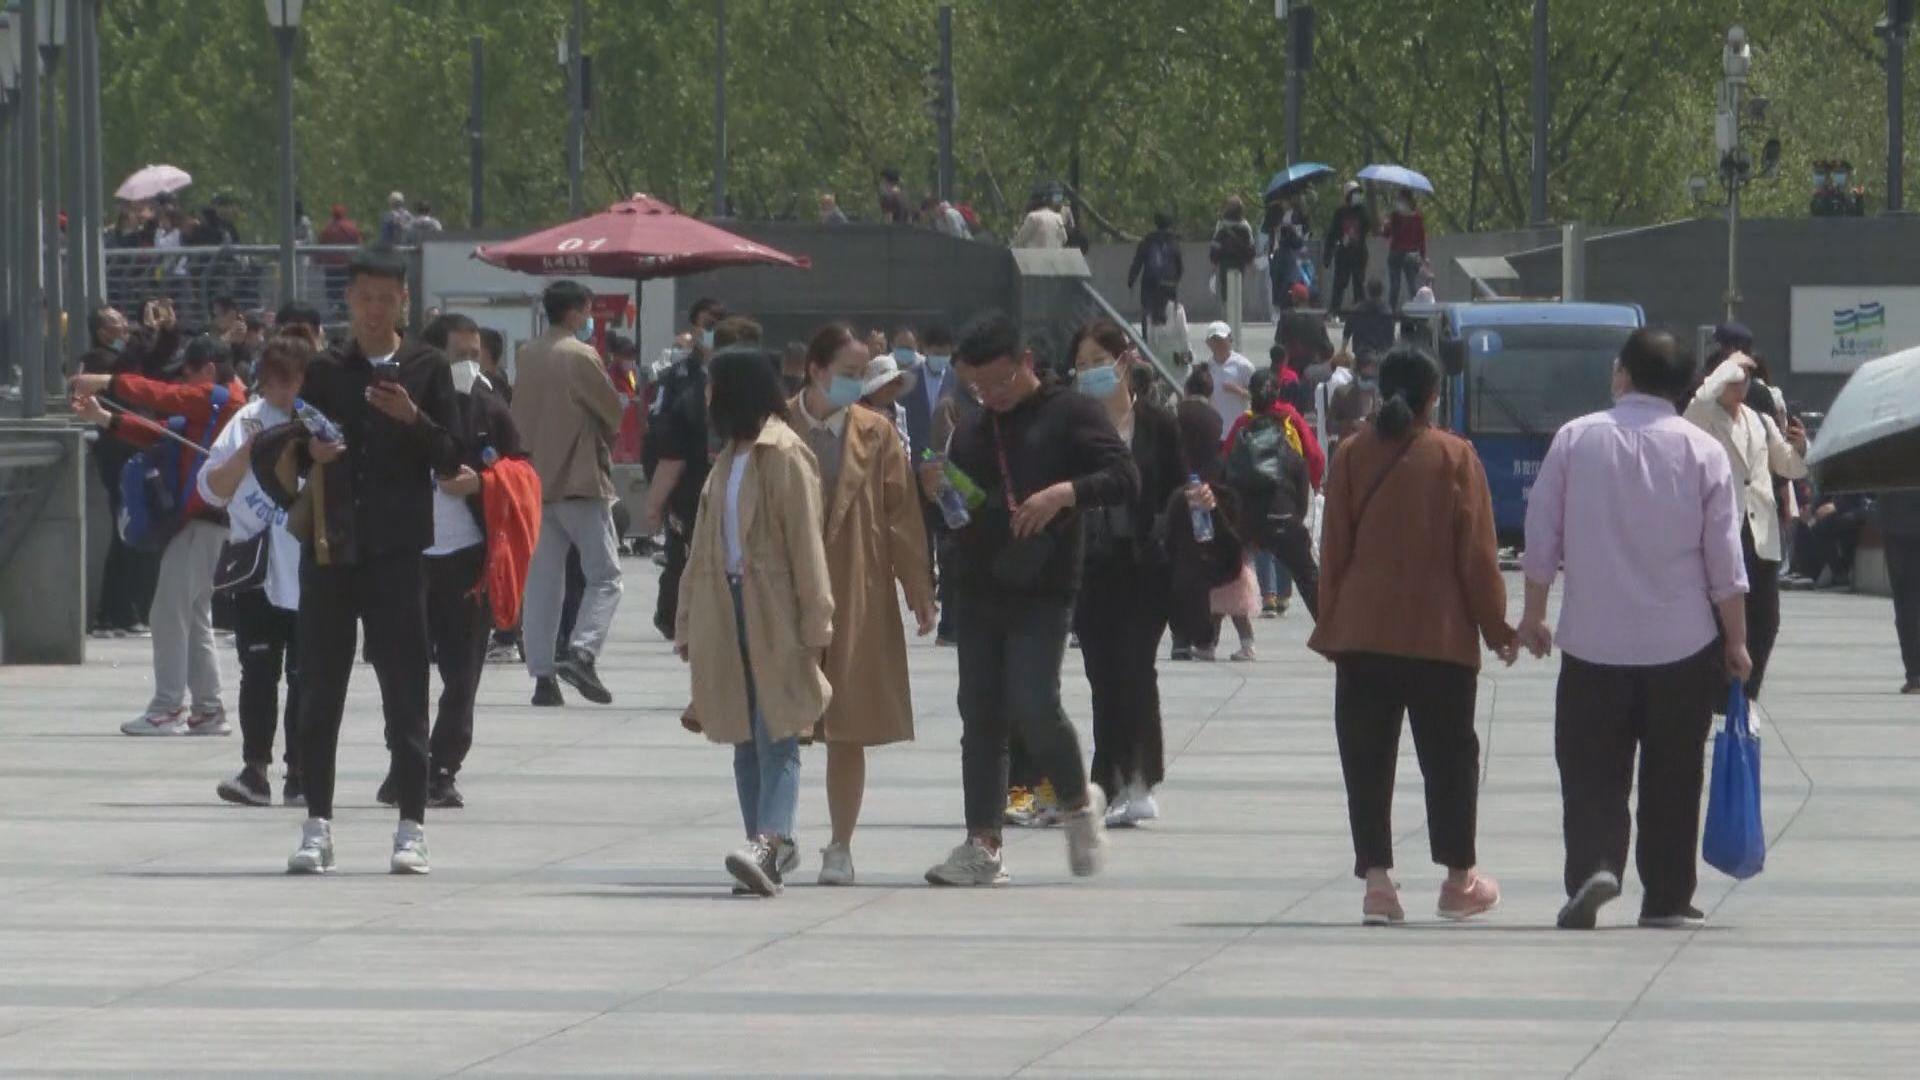 國統局:人口發展出現結構矛盾 要研究對經濟社會影響